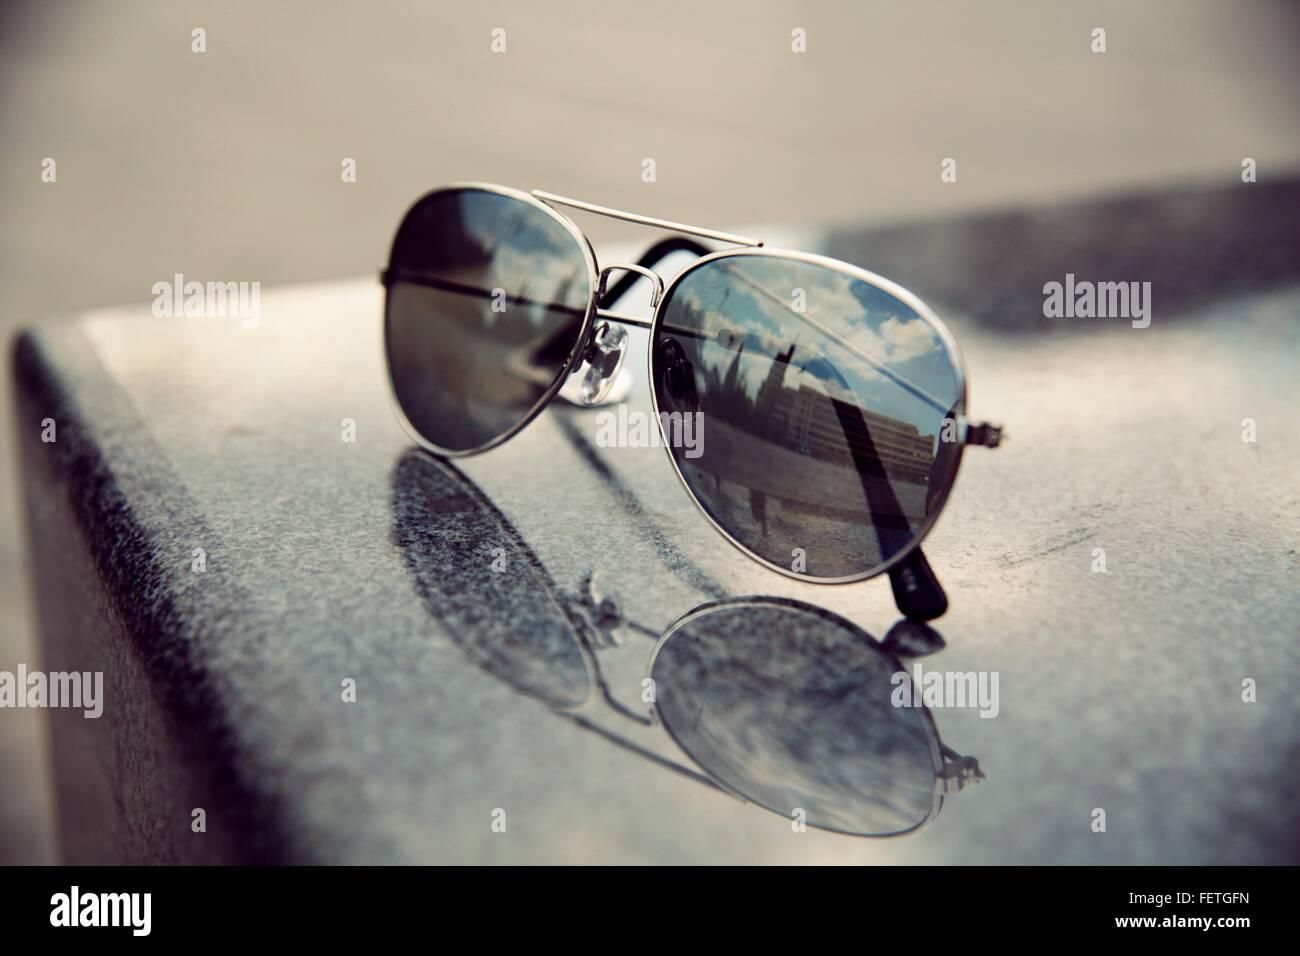 La réflexion sur la construction de lunettes Photo Stock